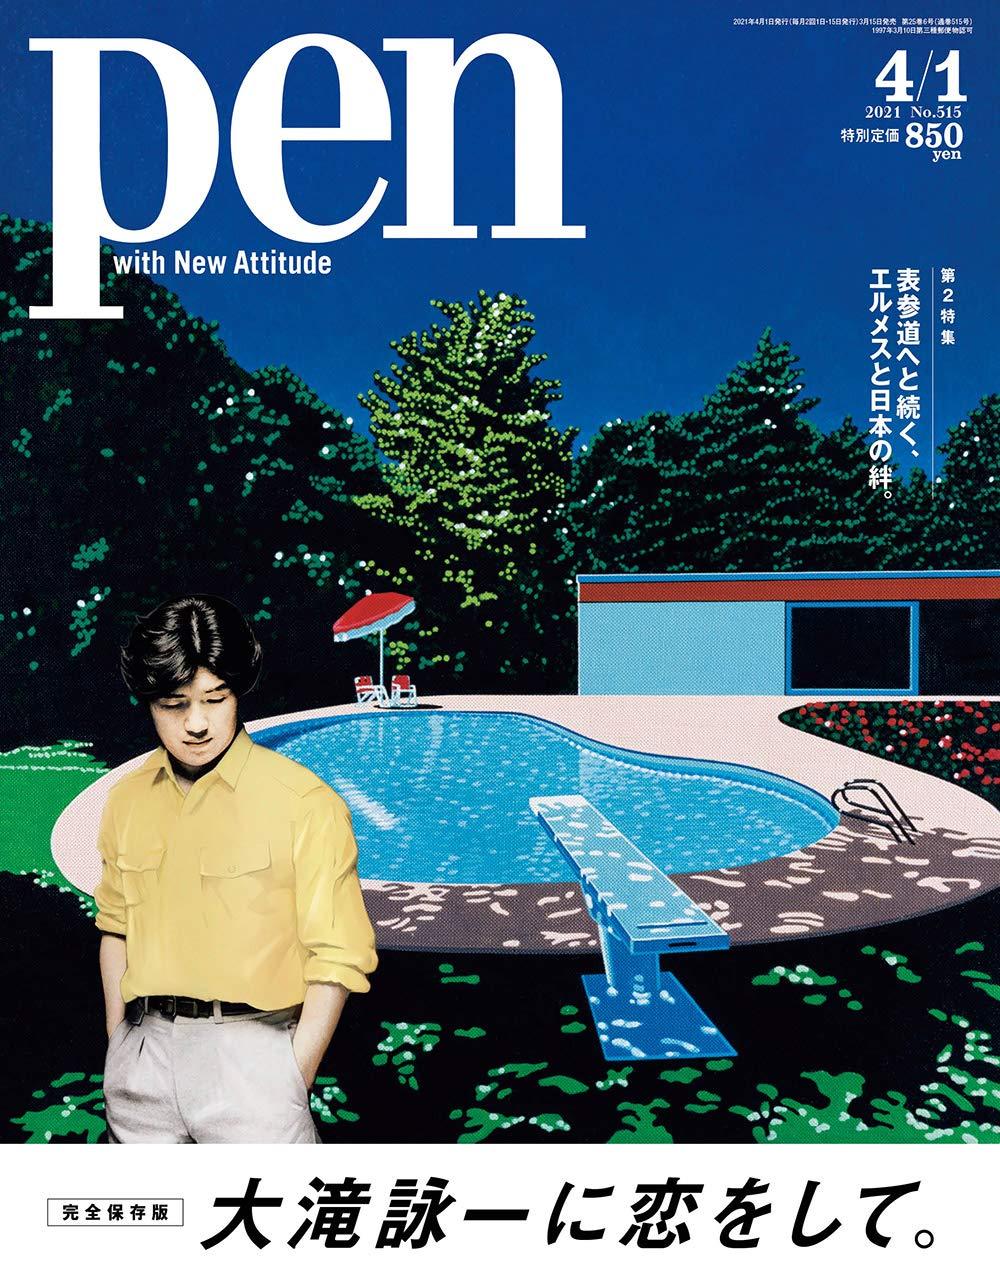 https://images-na.ssl-images-amazon.com/images/I/71JqcfdmncL.jpg